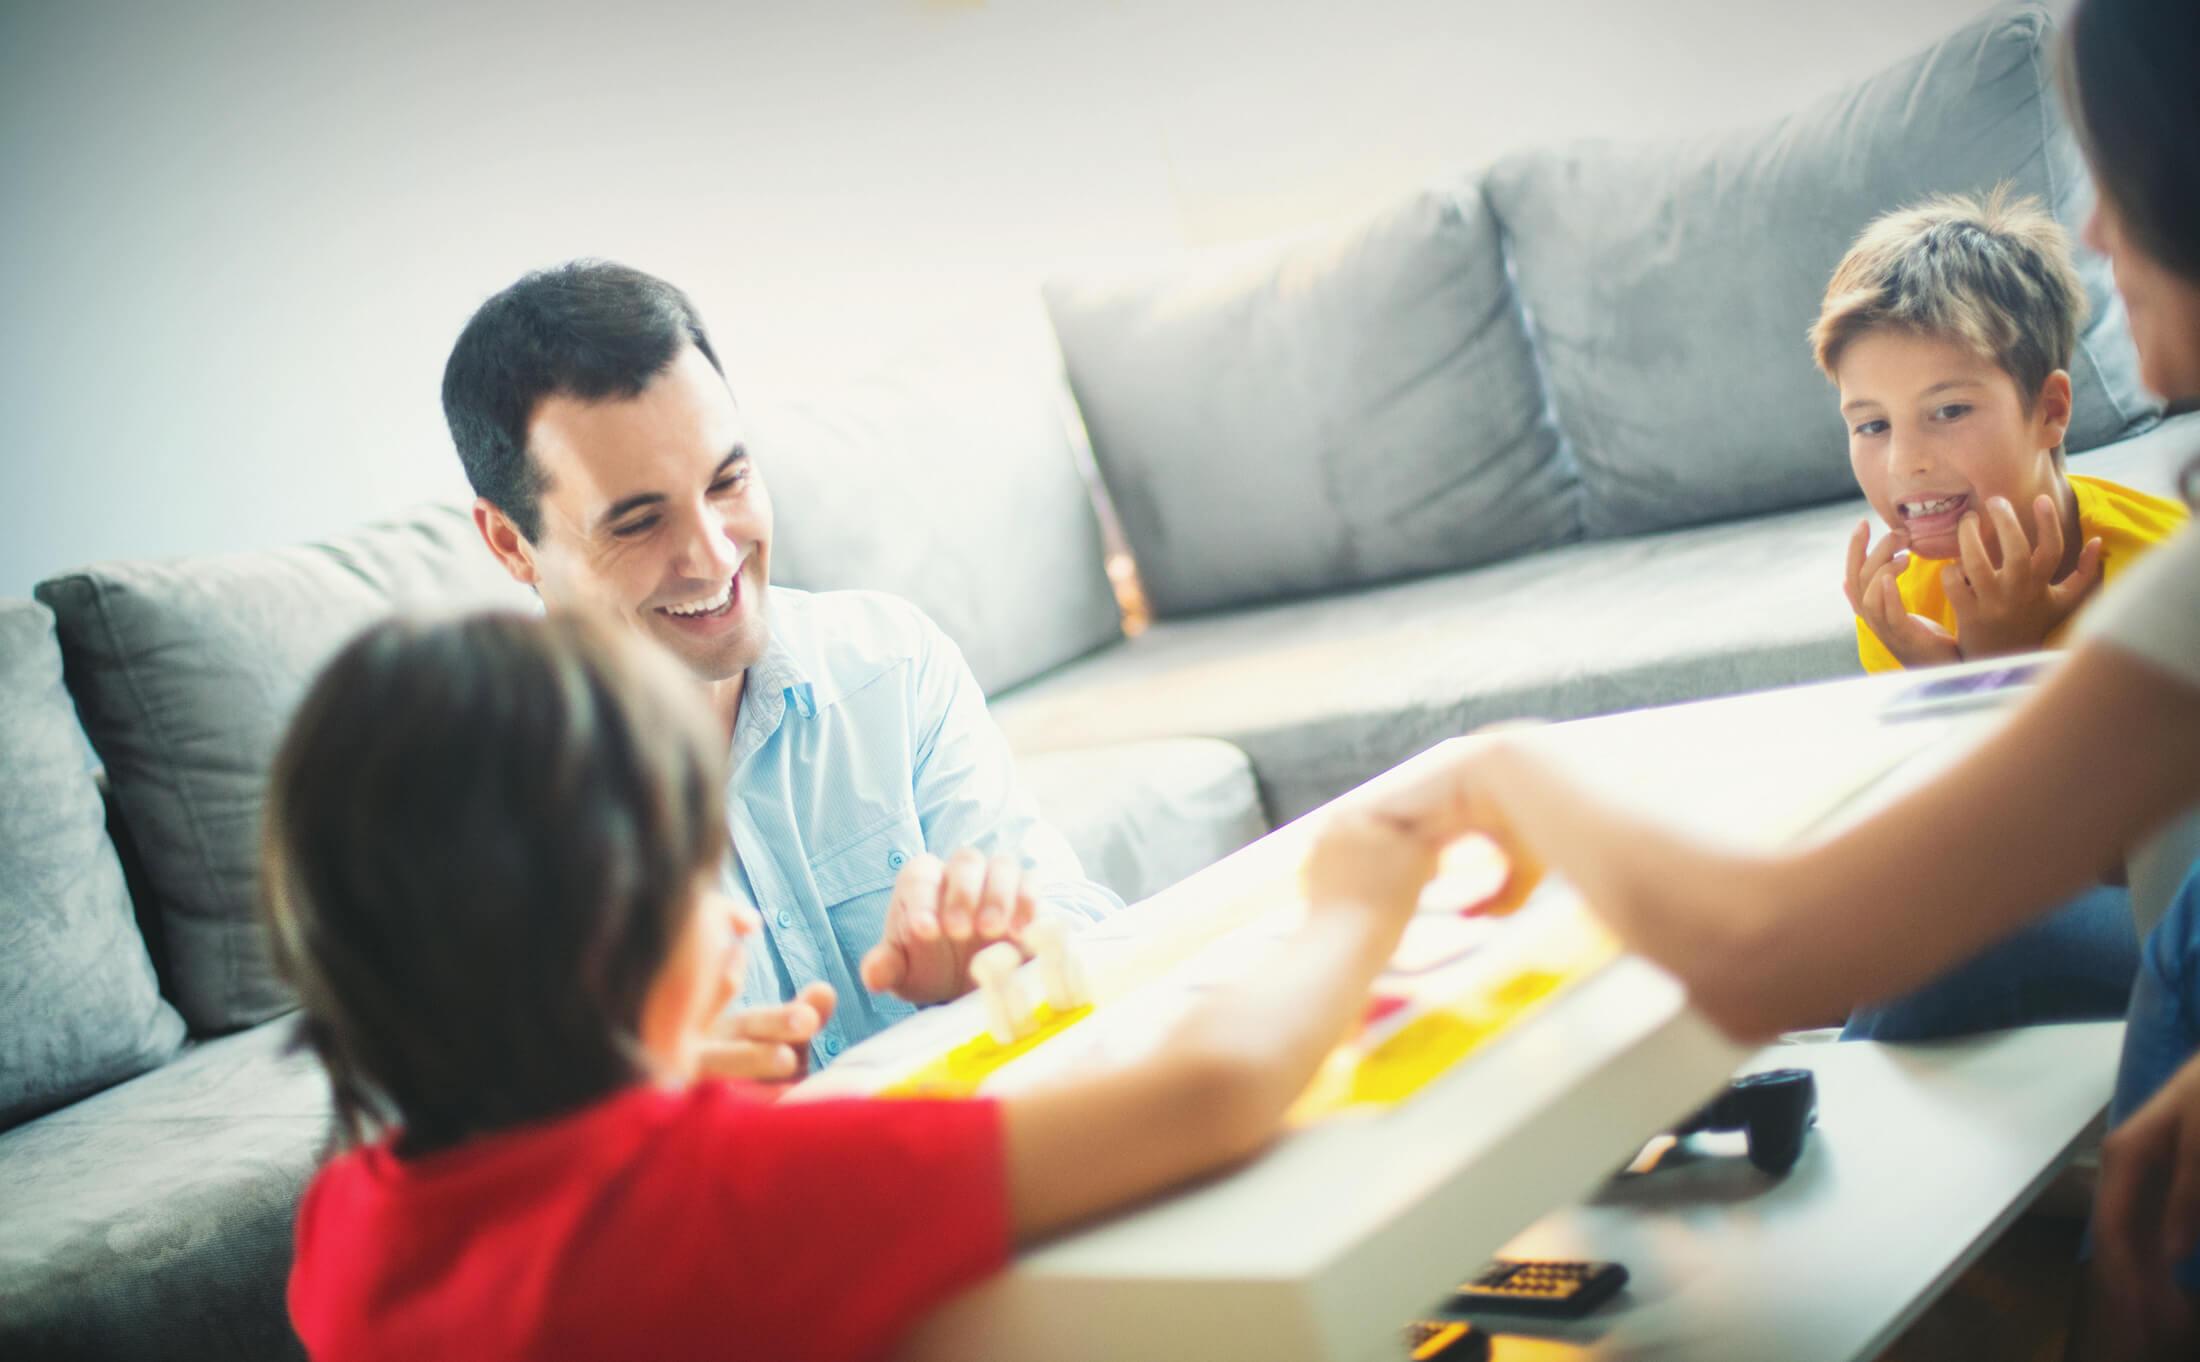 Veja as lições financeiras que você pode tirar dos jogos de tabuleiro